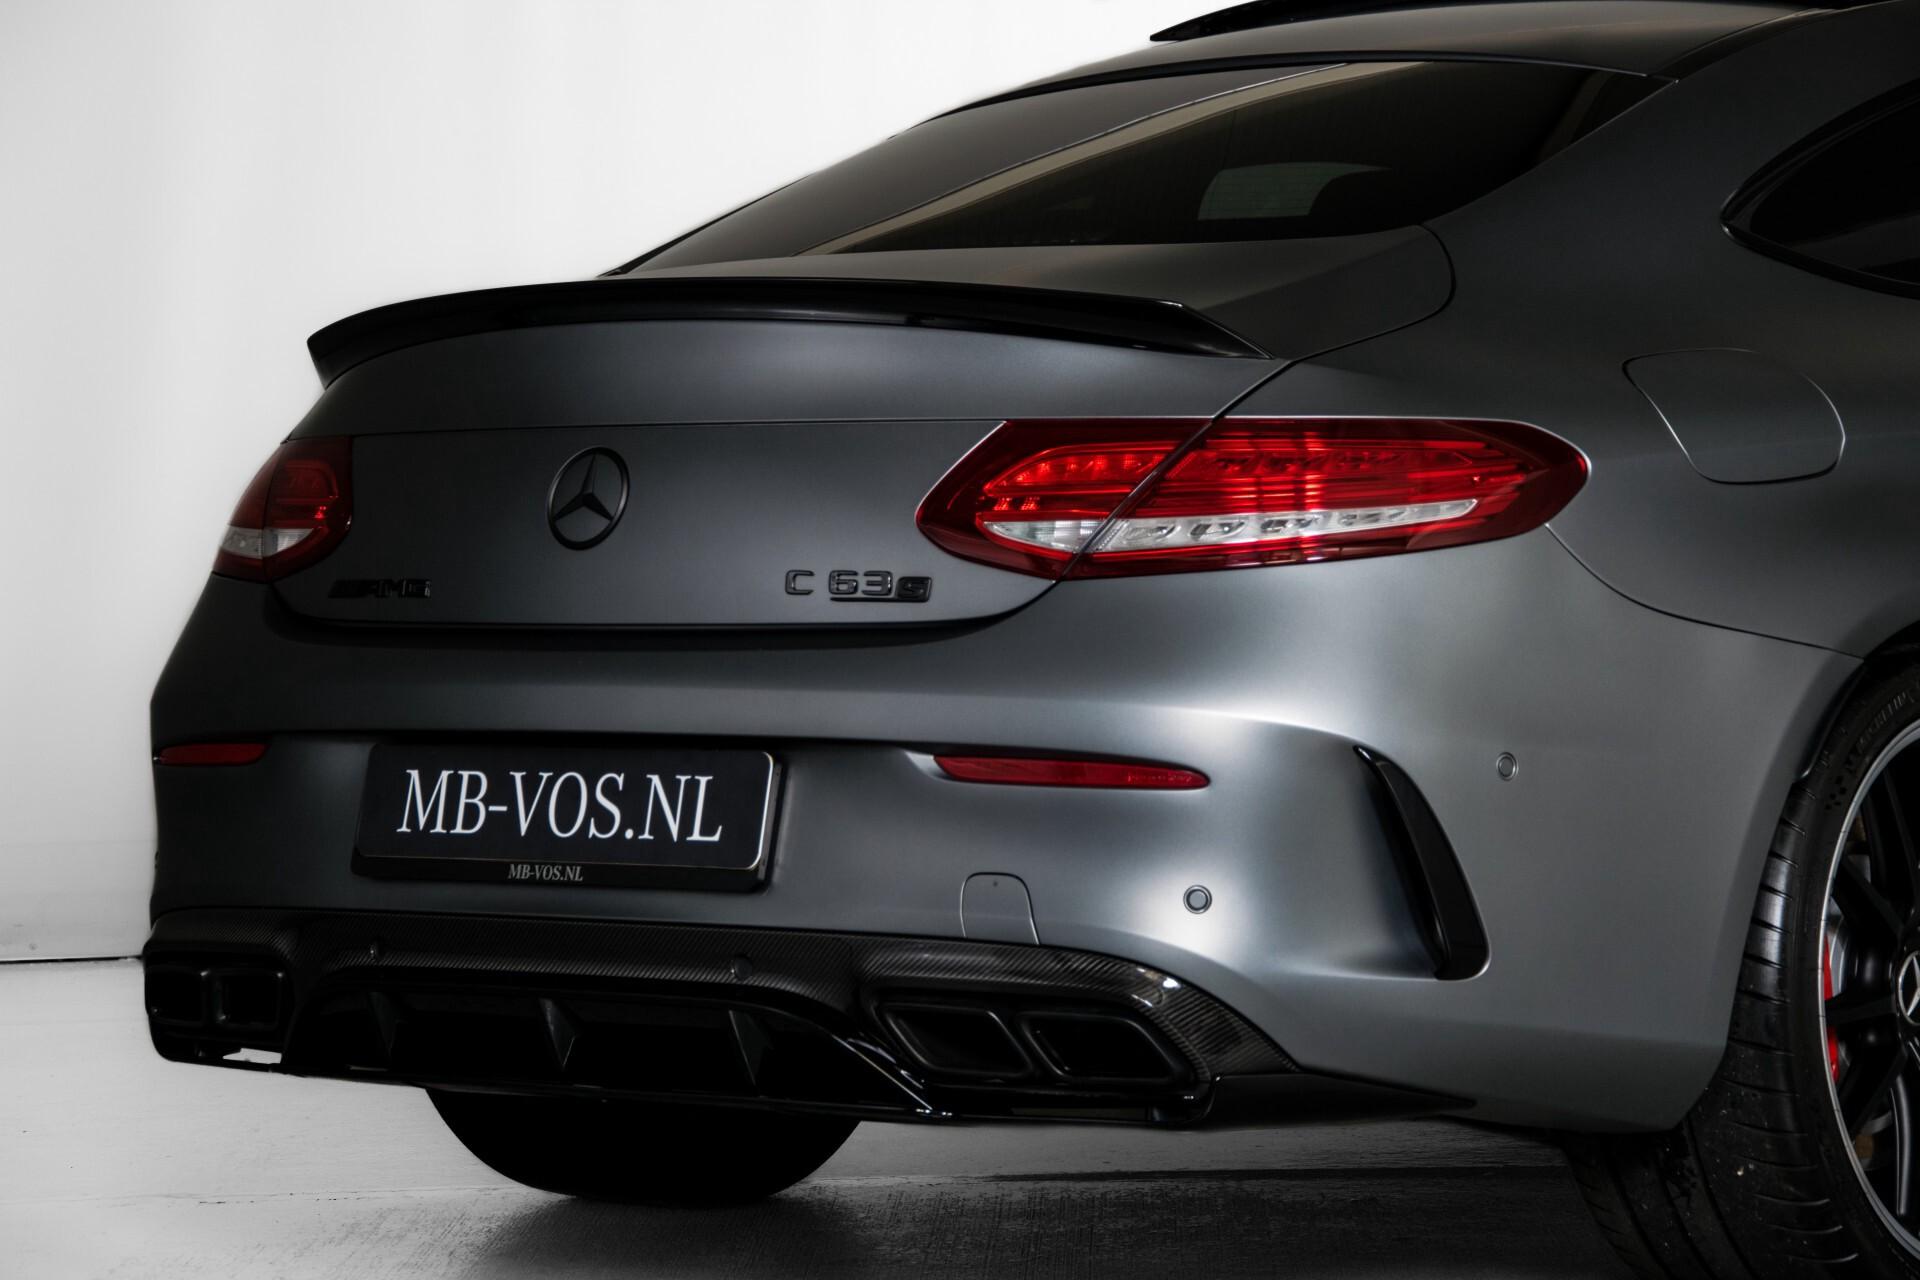 Mercedes-Benz C-Klasse Coupé 63 S AMG EDITION 1 Panorama Aut7 Foto 63